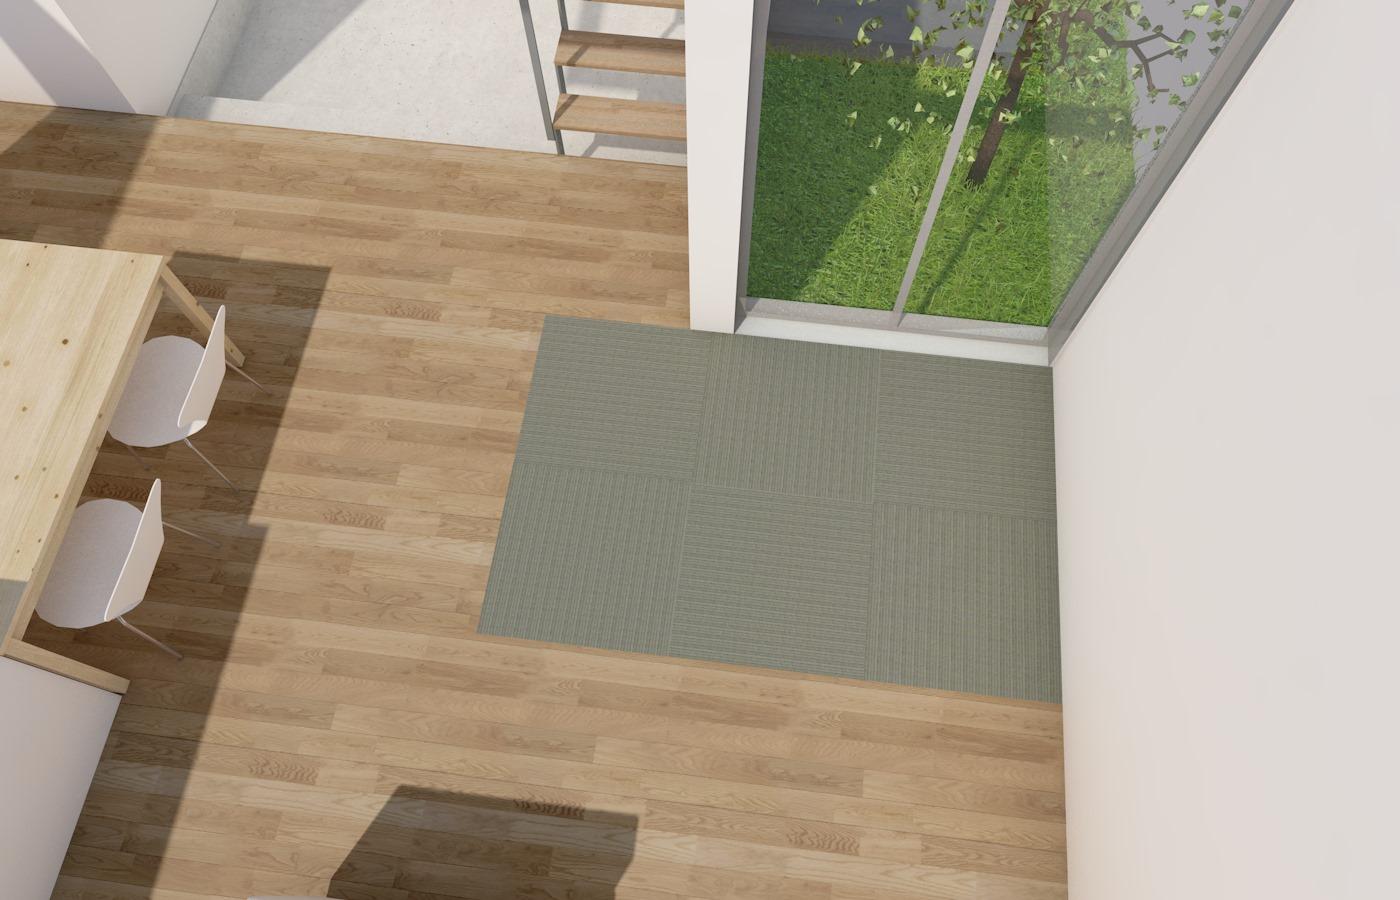 天井高、天井懐を限界まで切り詰める 13/20   床仕上げを合板とする 14/20   畳コーナーは置き畳で 15/20 [コスパの良い間取り]